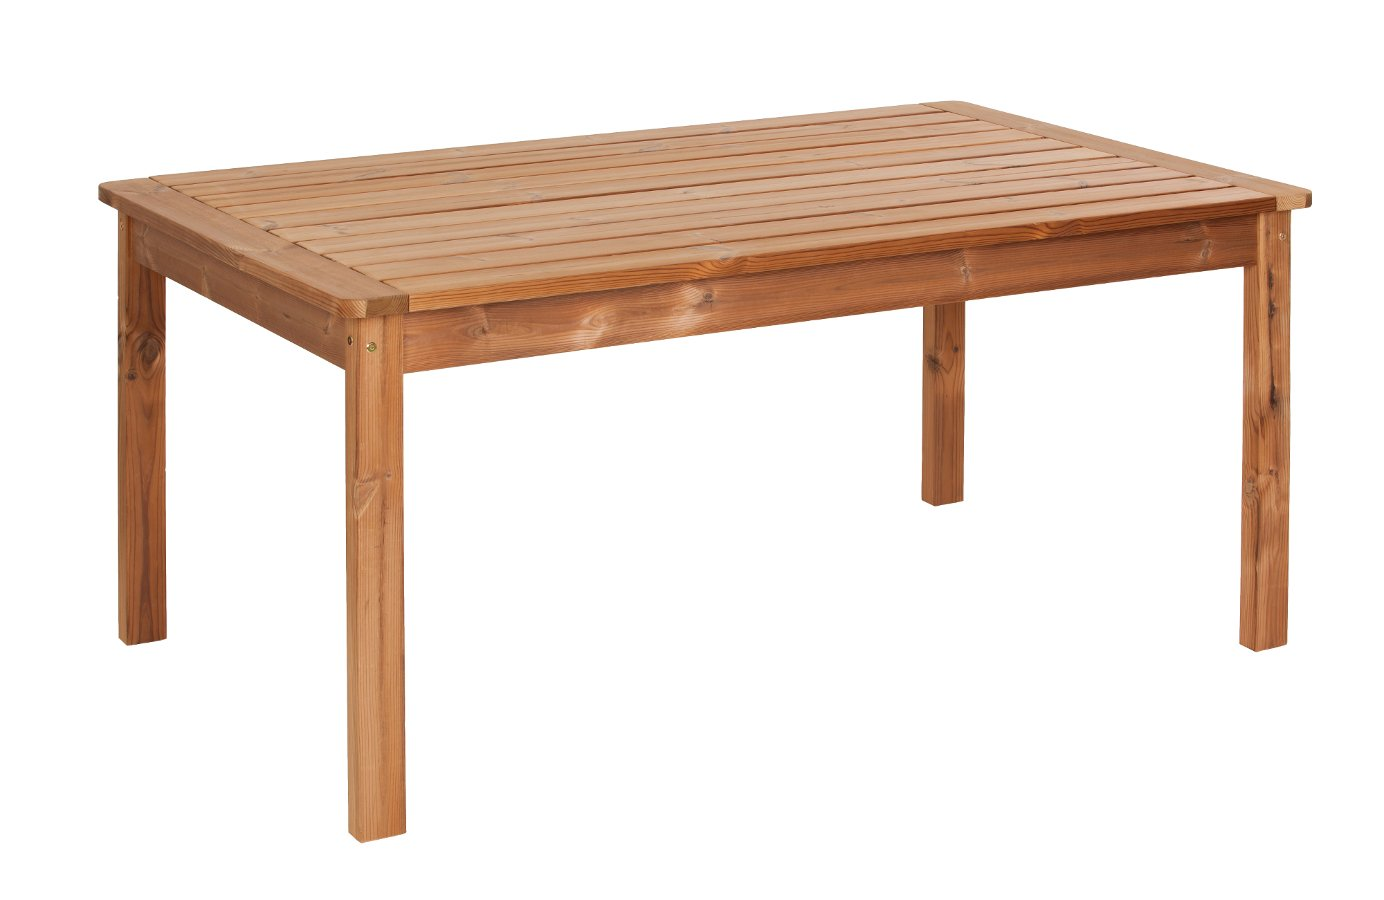 Gartenmöbel PROWOOD aus Massivholz THERMOWOOD – Tisch ST1 167 online kaufen